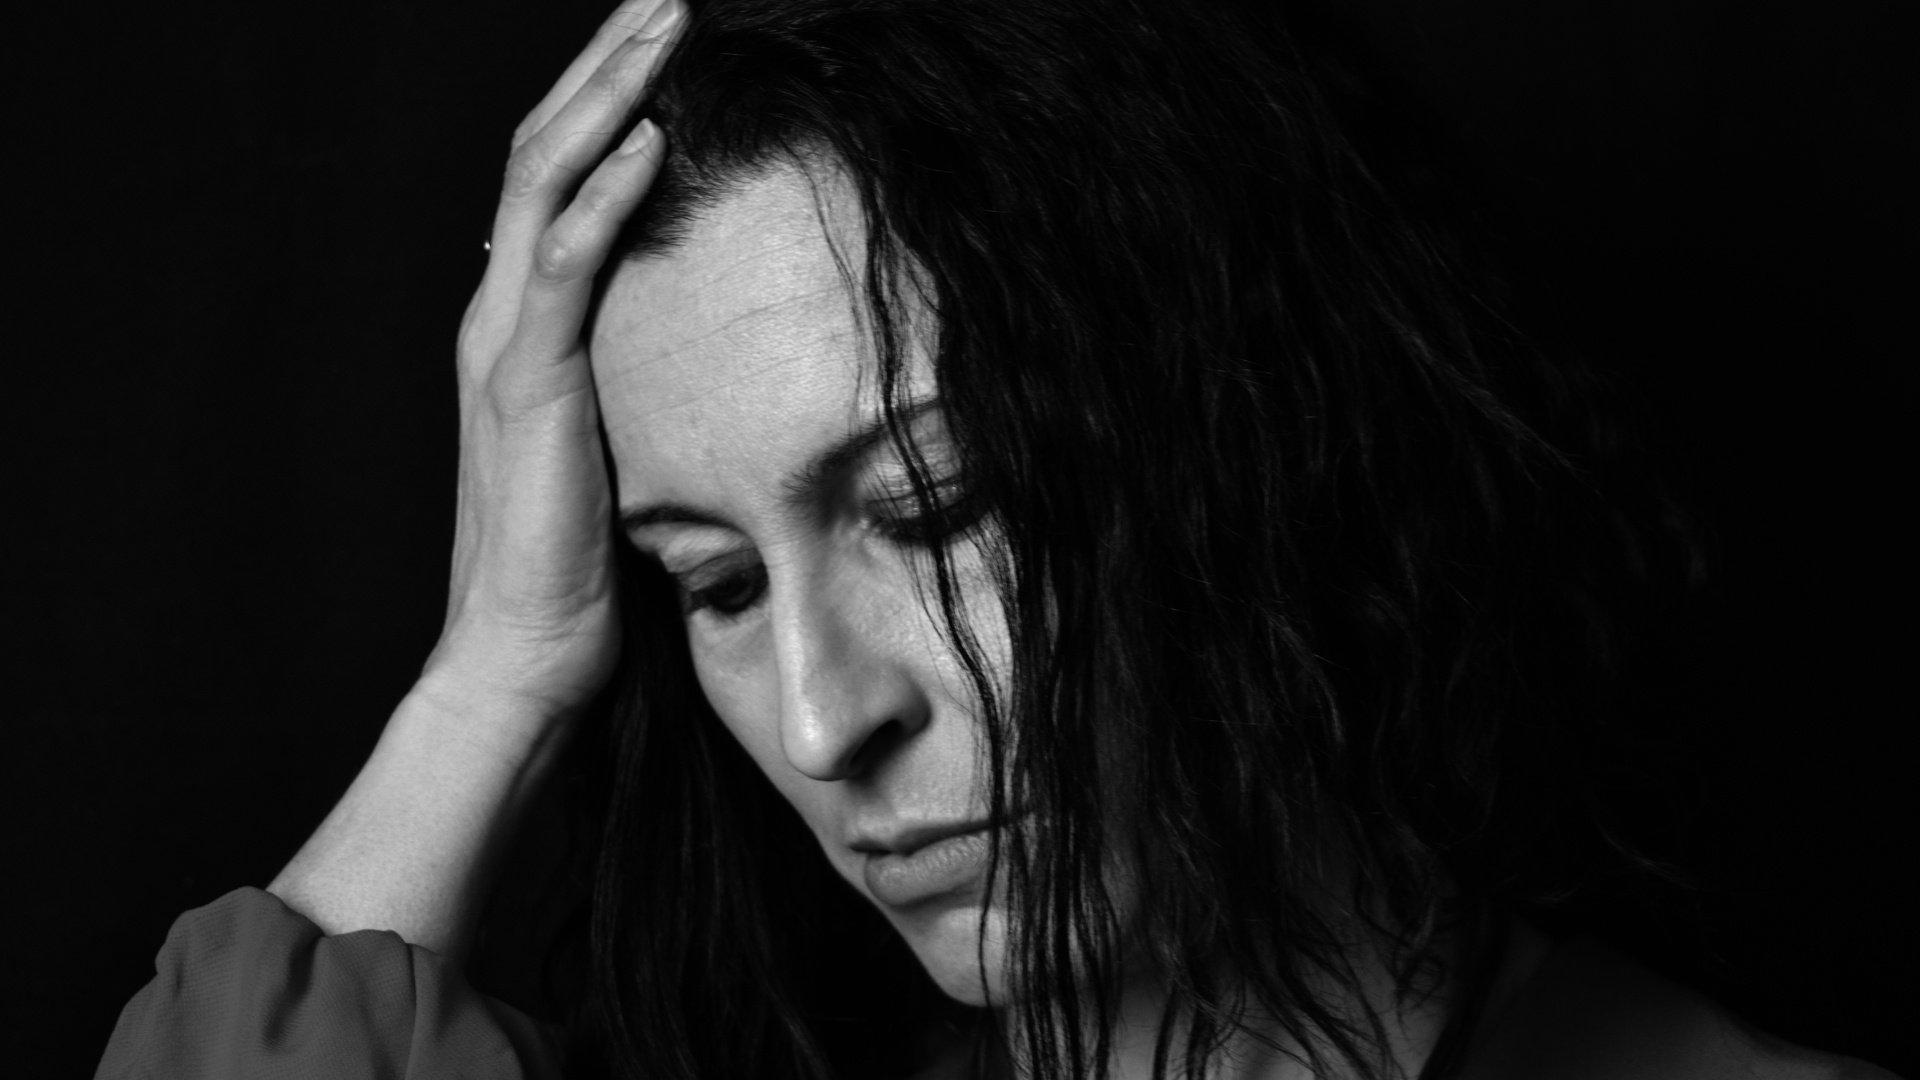 El Tribunal Superior acepta nuestro recurso: incapacidad absoluta por depresión